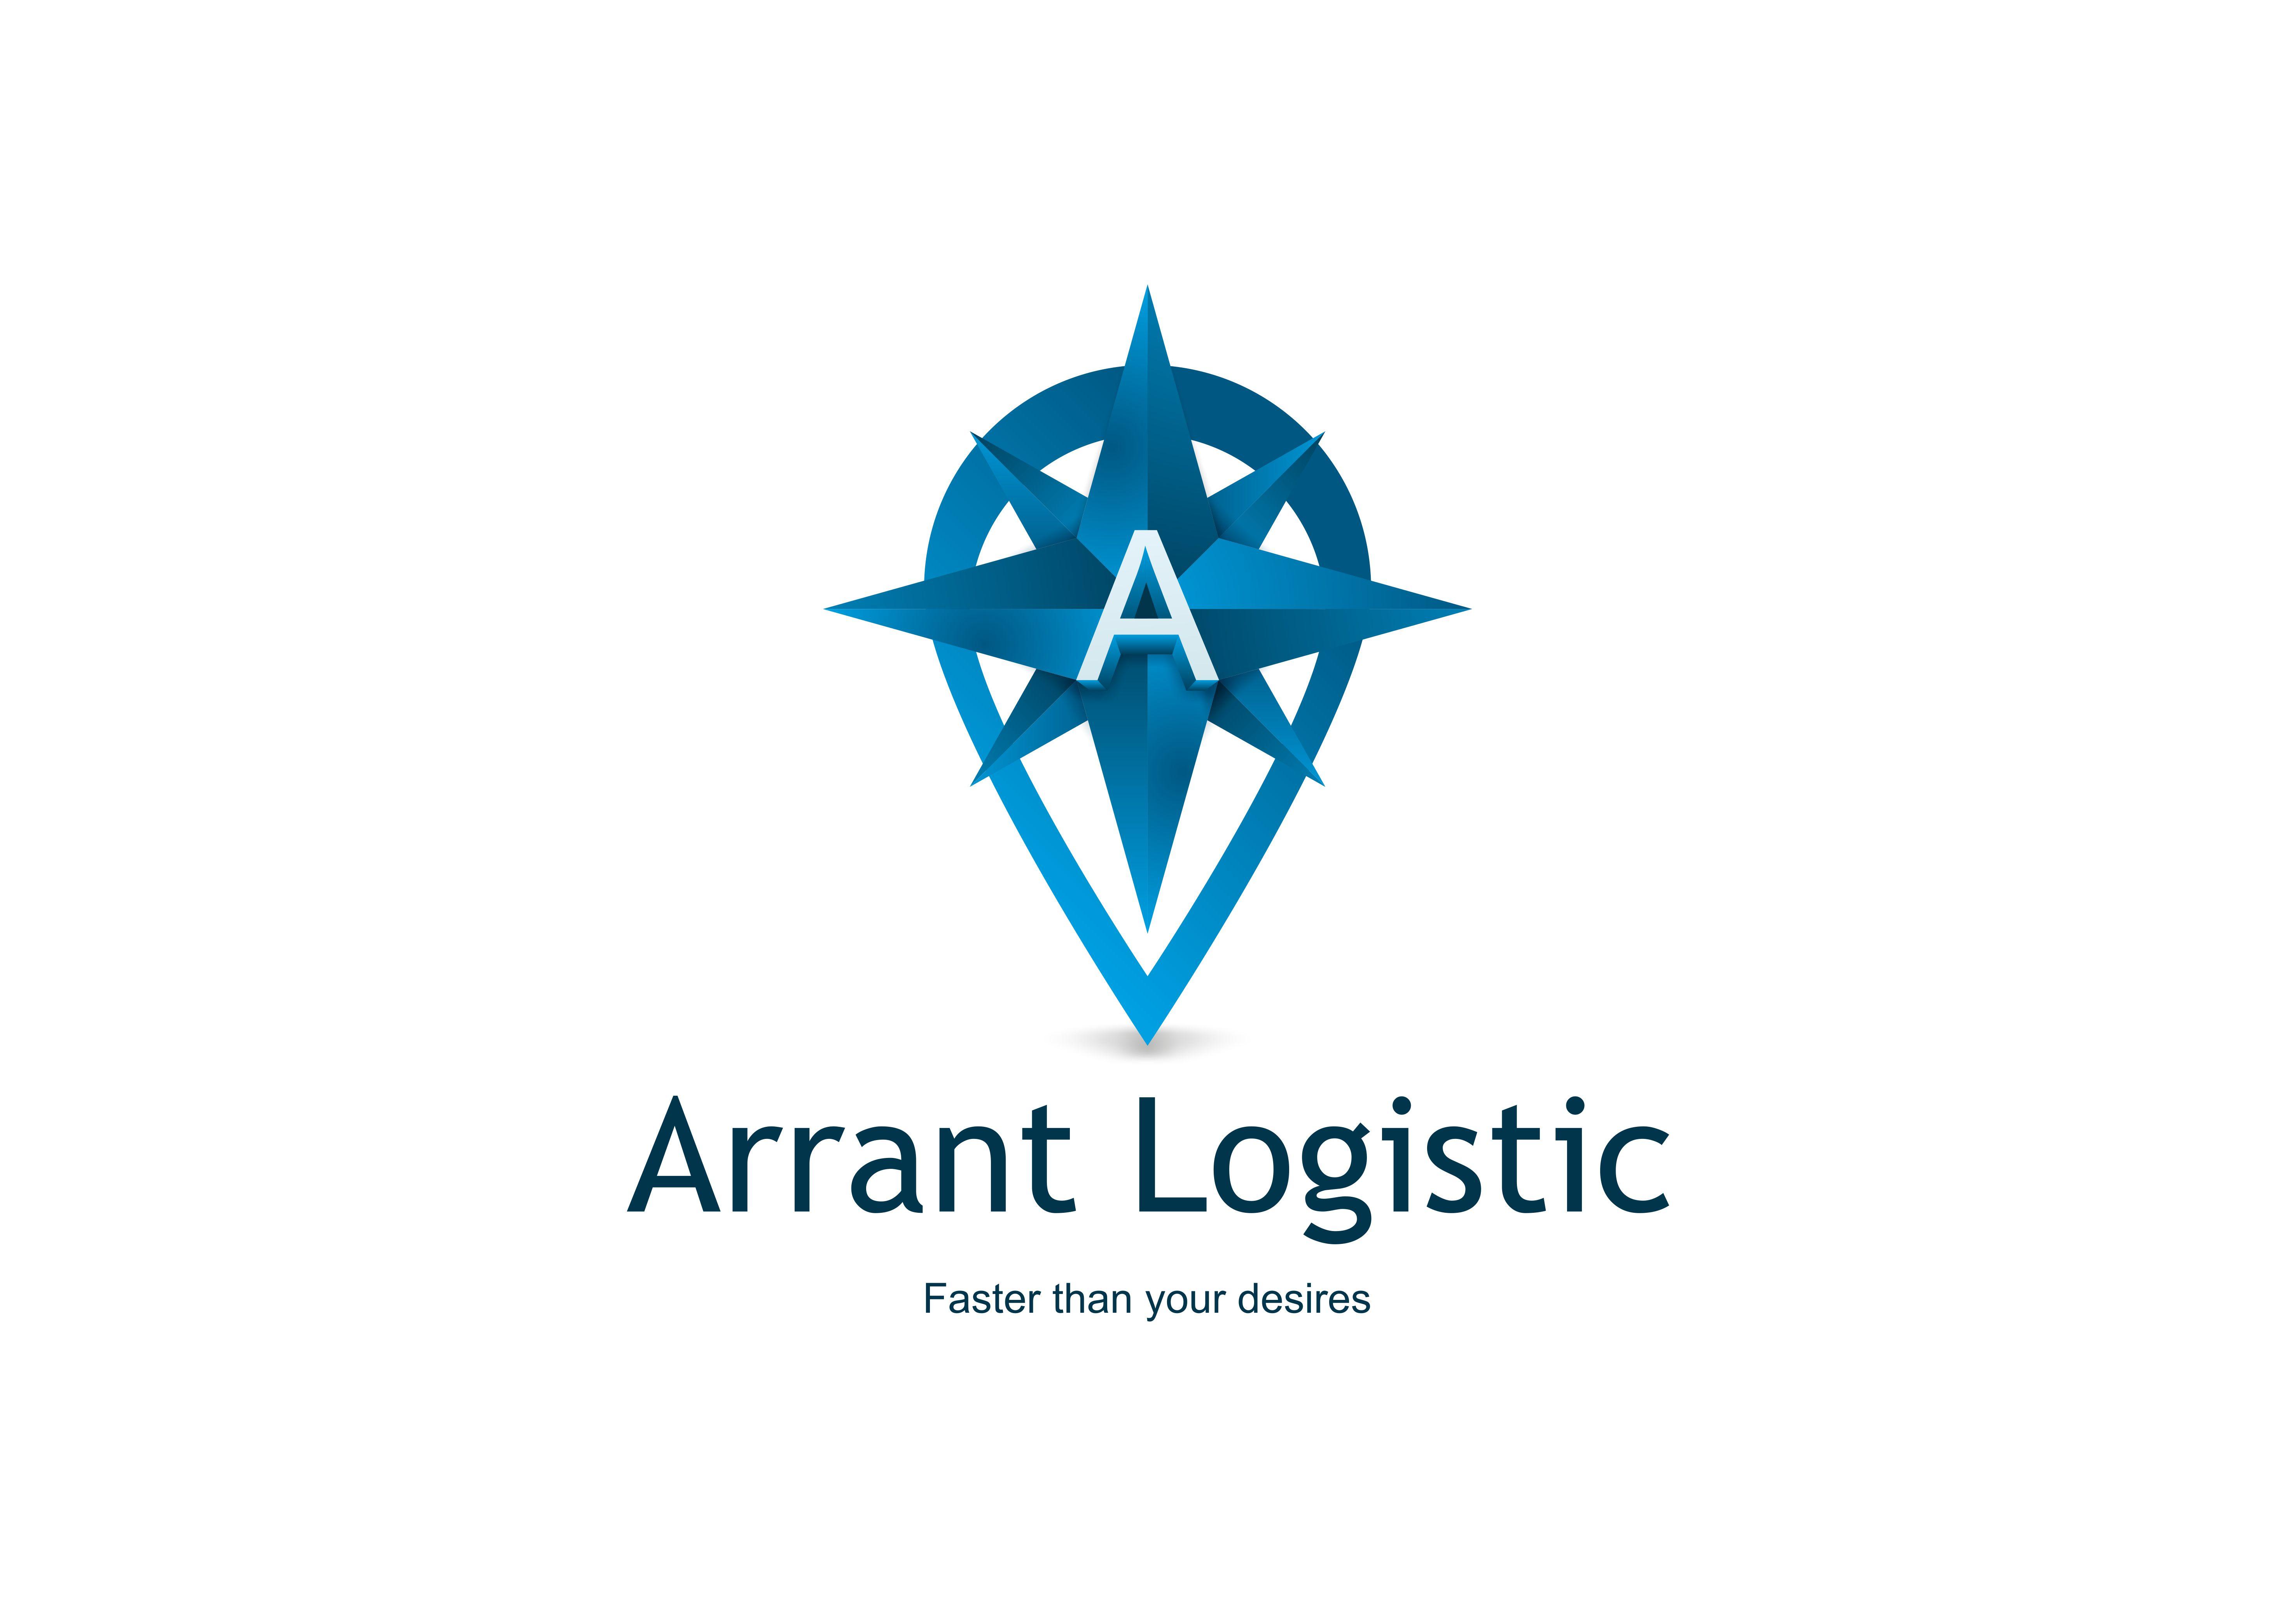 Arrant Logistic